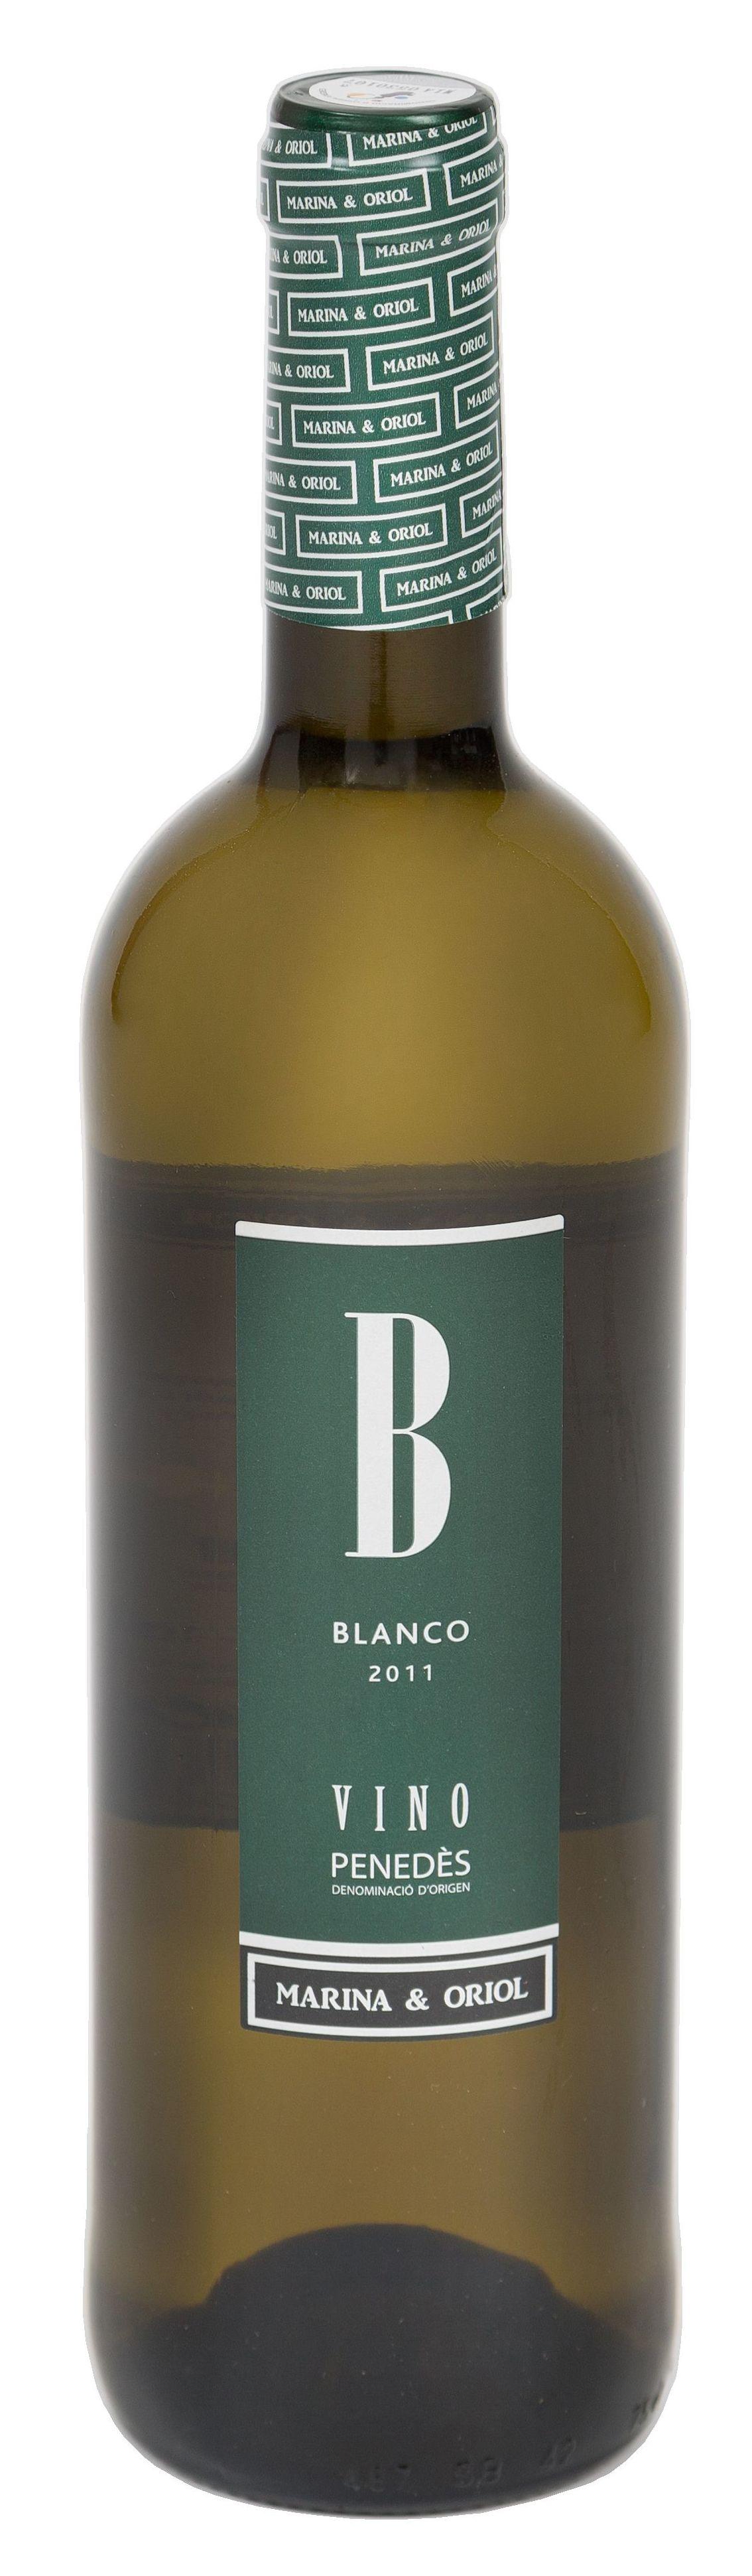 Vino Blanco Joven D.O. Penedés MARINA & ORIOL: Productos de Rexgosa®